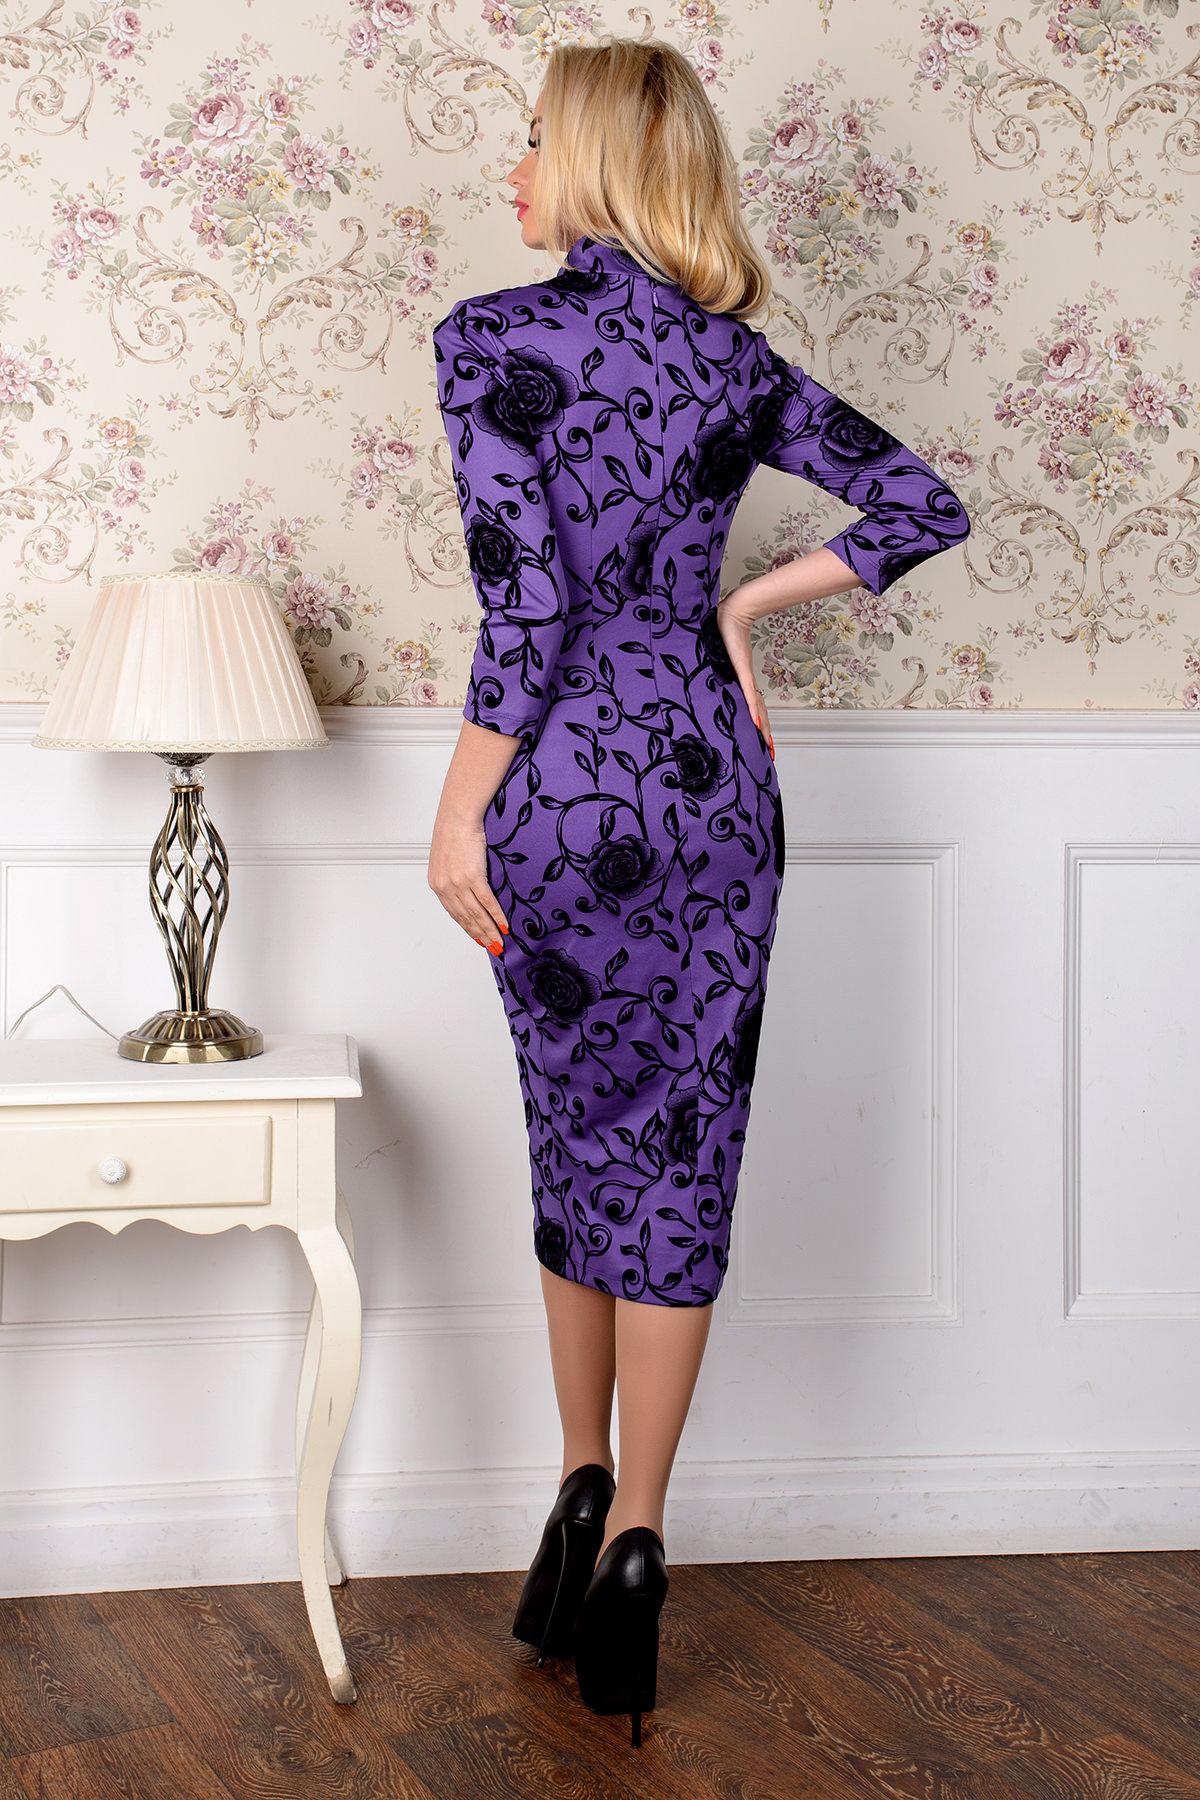 Платье Шамбор 1362  АРТ. 8868 Цвет: Фиолет Розы черн 5 - фото 3, интернет магазин tm-modus.ru